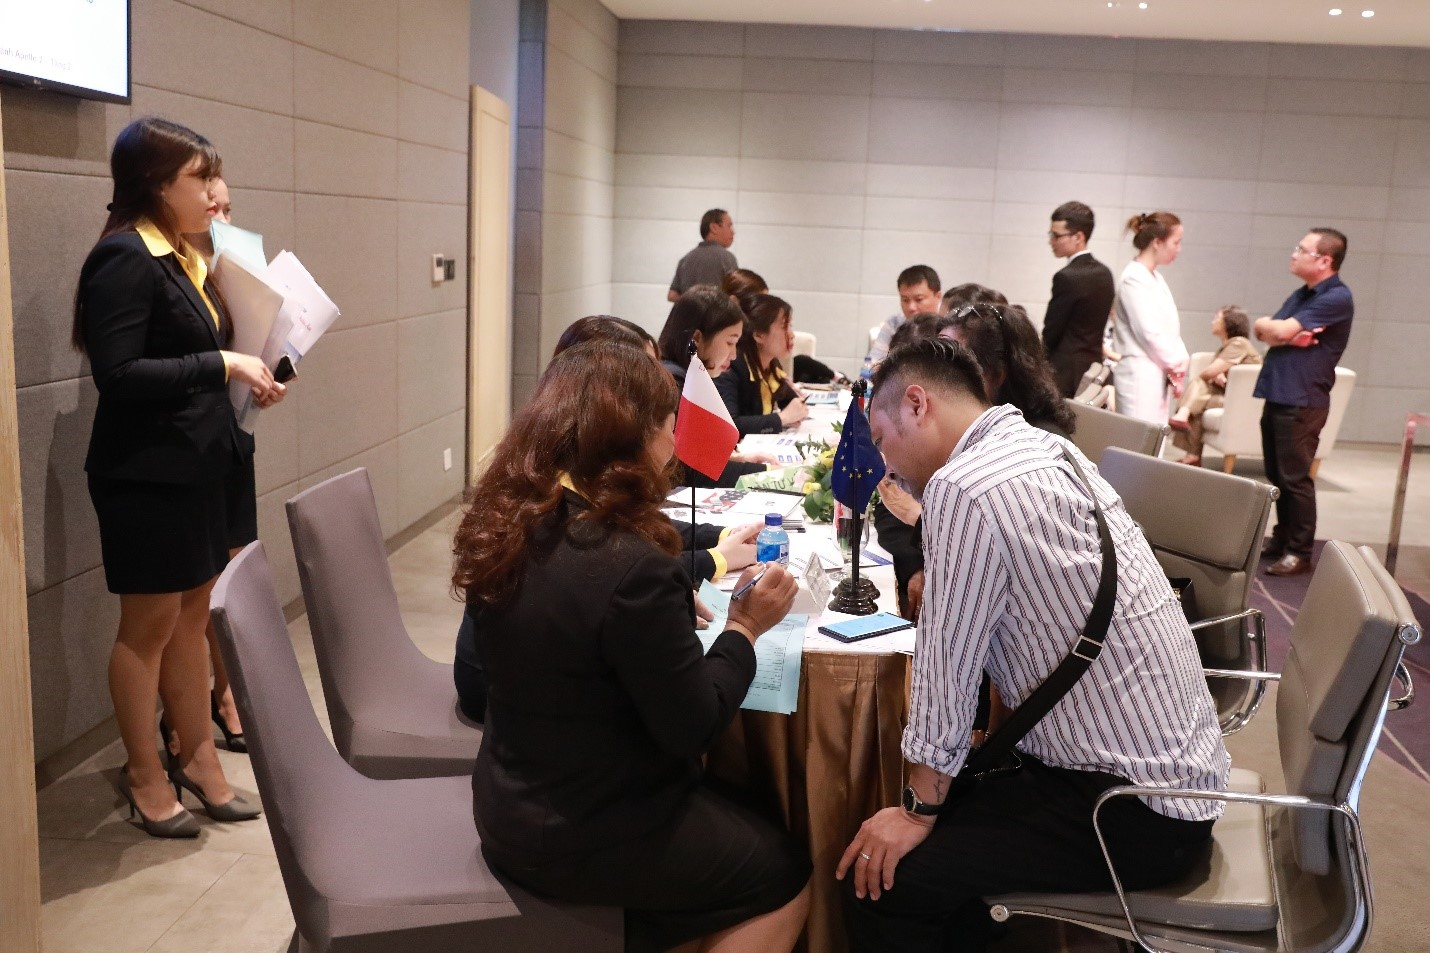 Rất nhiều khách hàng quan tâm tìm hiểu về chương trình định cư Malta